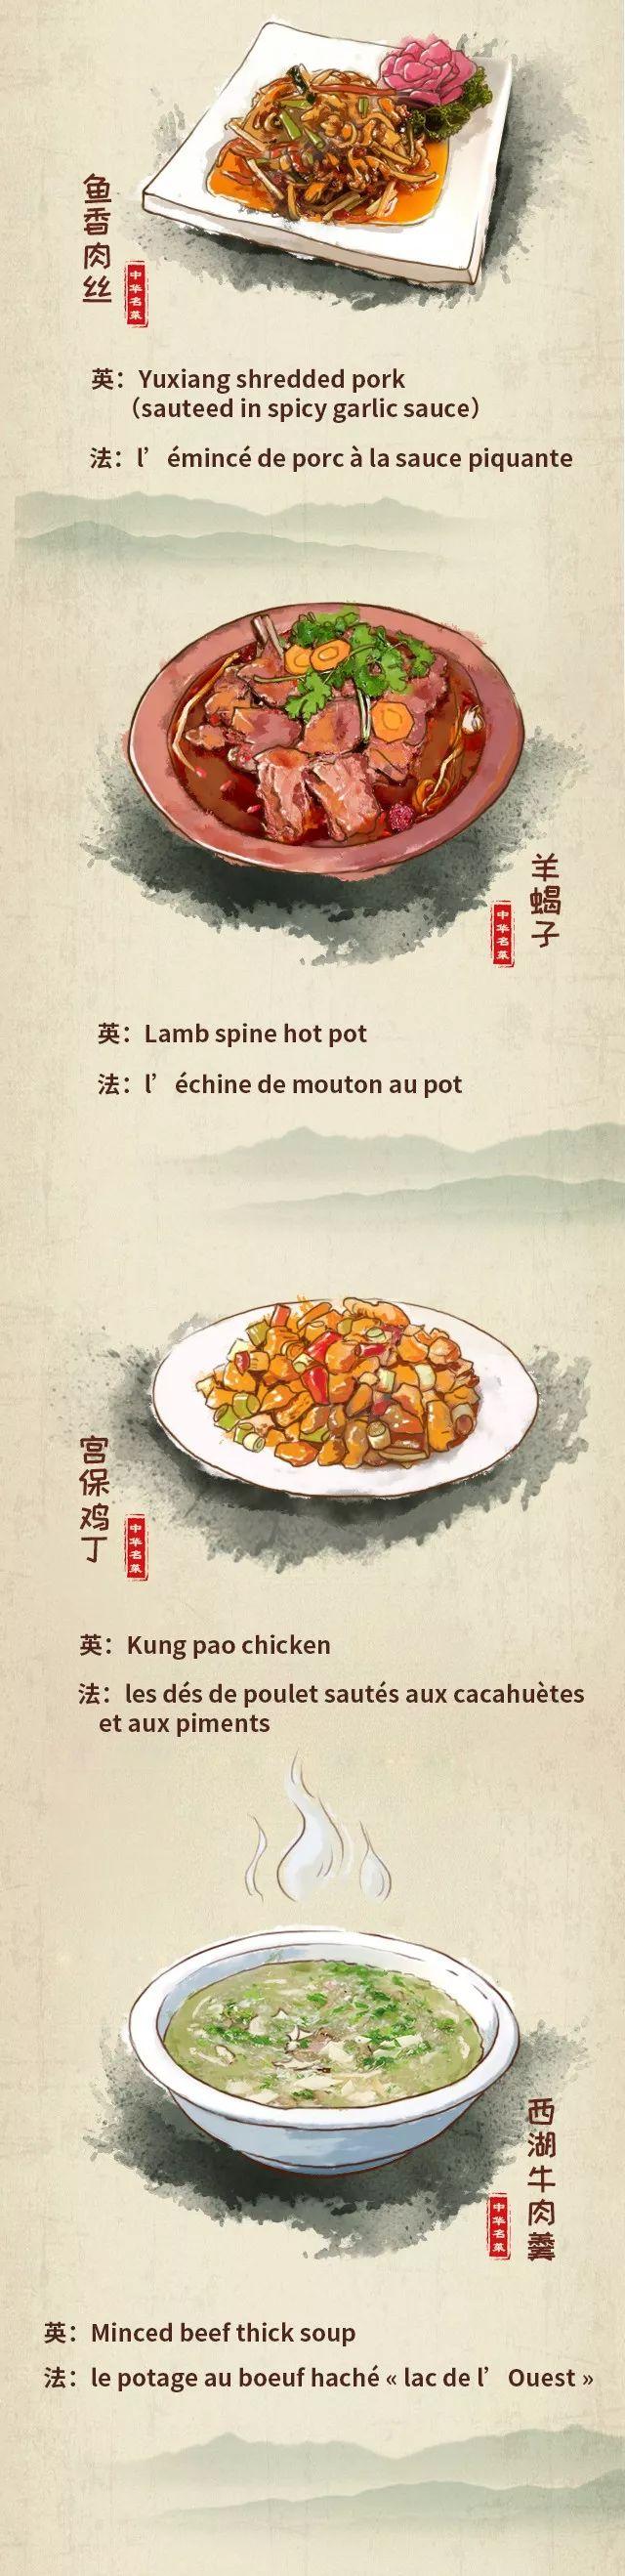 商务部:这些常见中国菜,用外语怎么说?